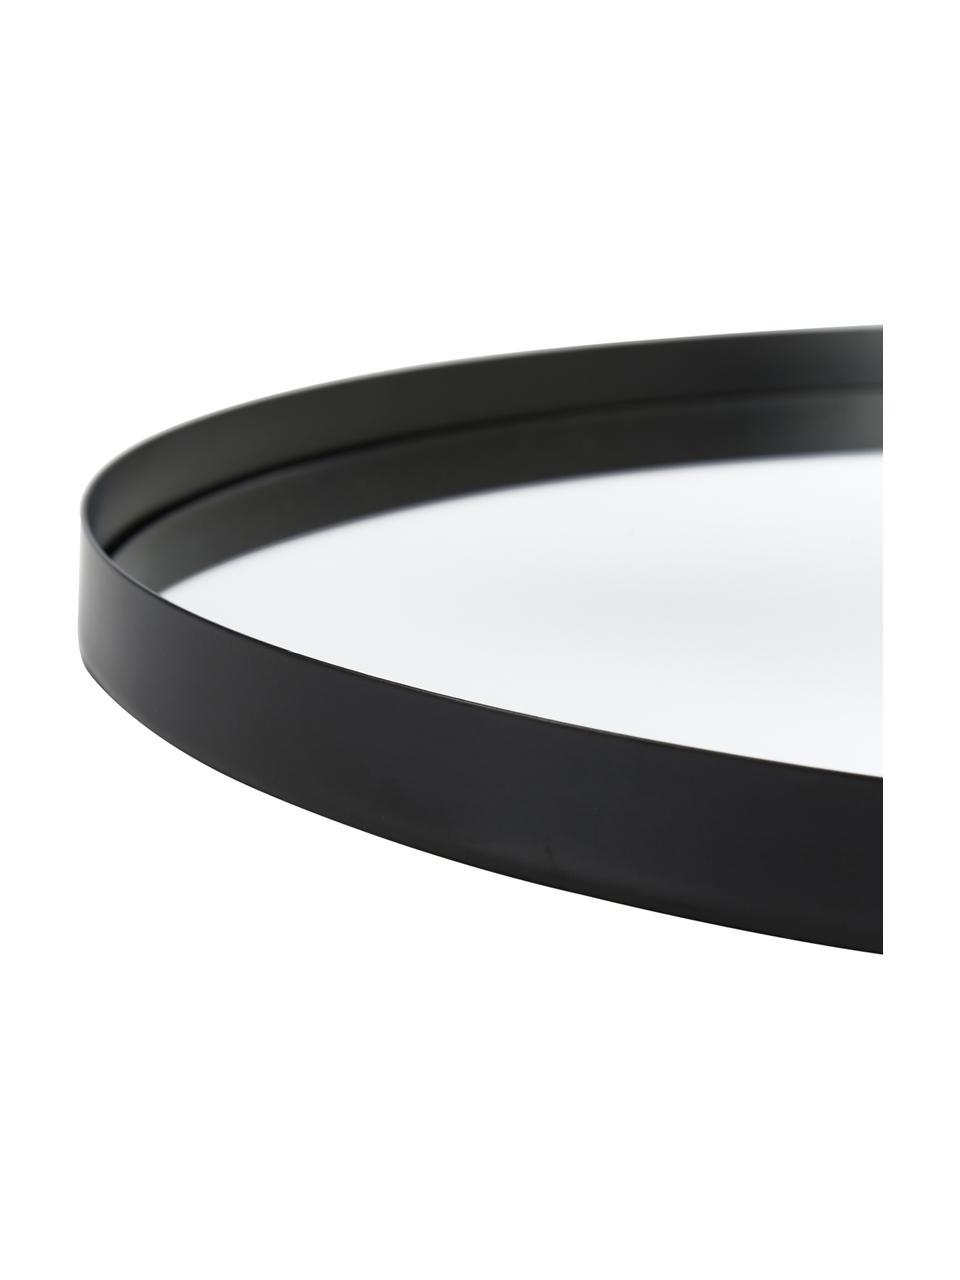 Runder Wandspiegel Ivy mit schwarzem Rahmen, Rahmen: Metall, pulverbeschichtet, Spiegelfläche: Spiegelglas, Rückseite: Mitteldichte Holzfaserpla, Schwarz, Ø 100 cm